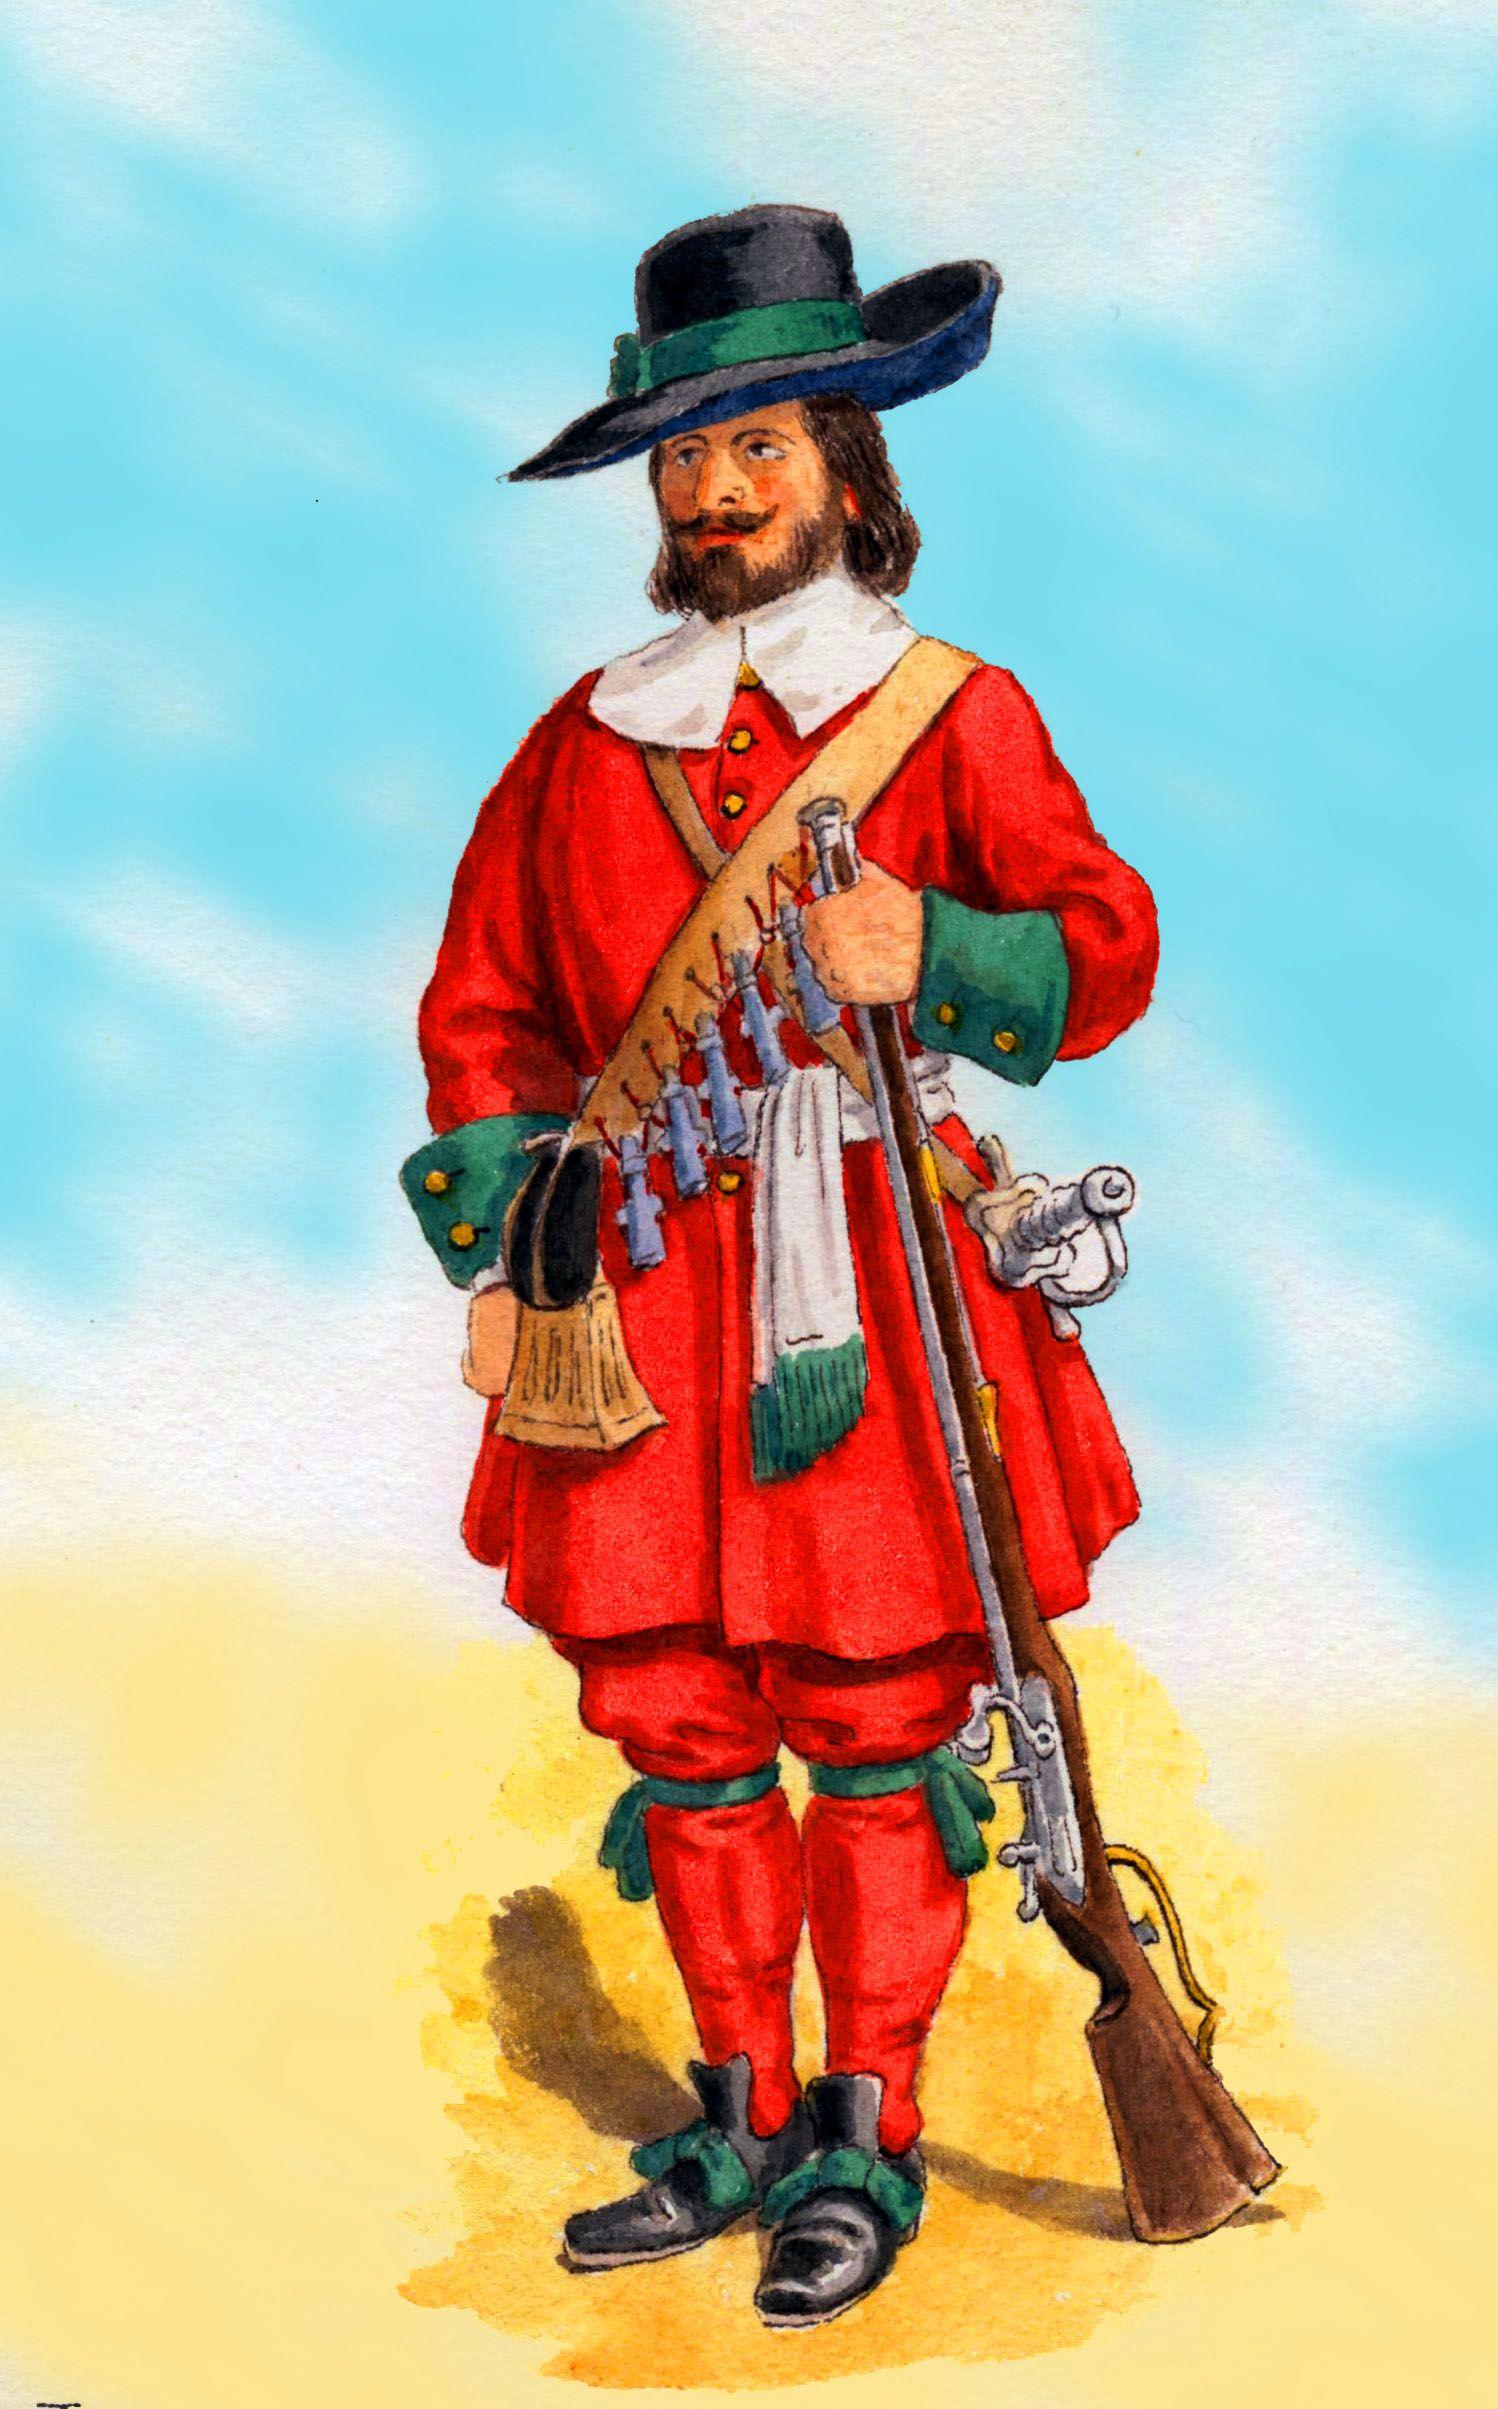 Картинки мушкетеров 17 века, днем матери для